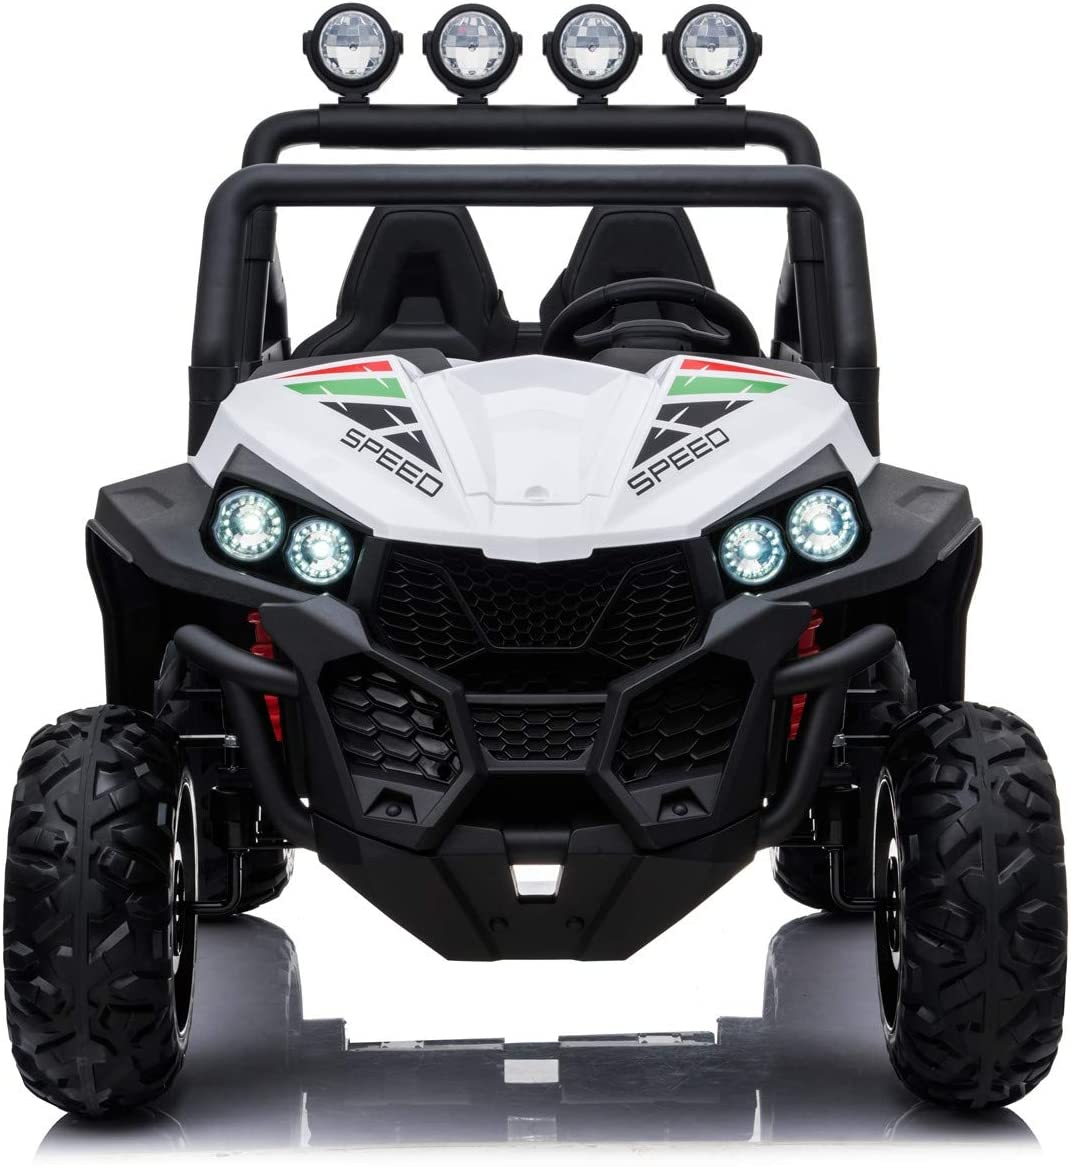 Tecnobike Shop Auto Macchina Elettrica per Bambini 24V 2 Posti Reali Polar Full Optional Ruote con battistrada Centrale in Gomma Mp3 Luci LED Suoni Blu